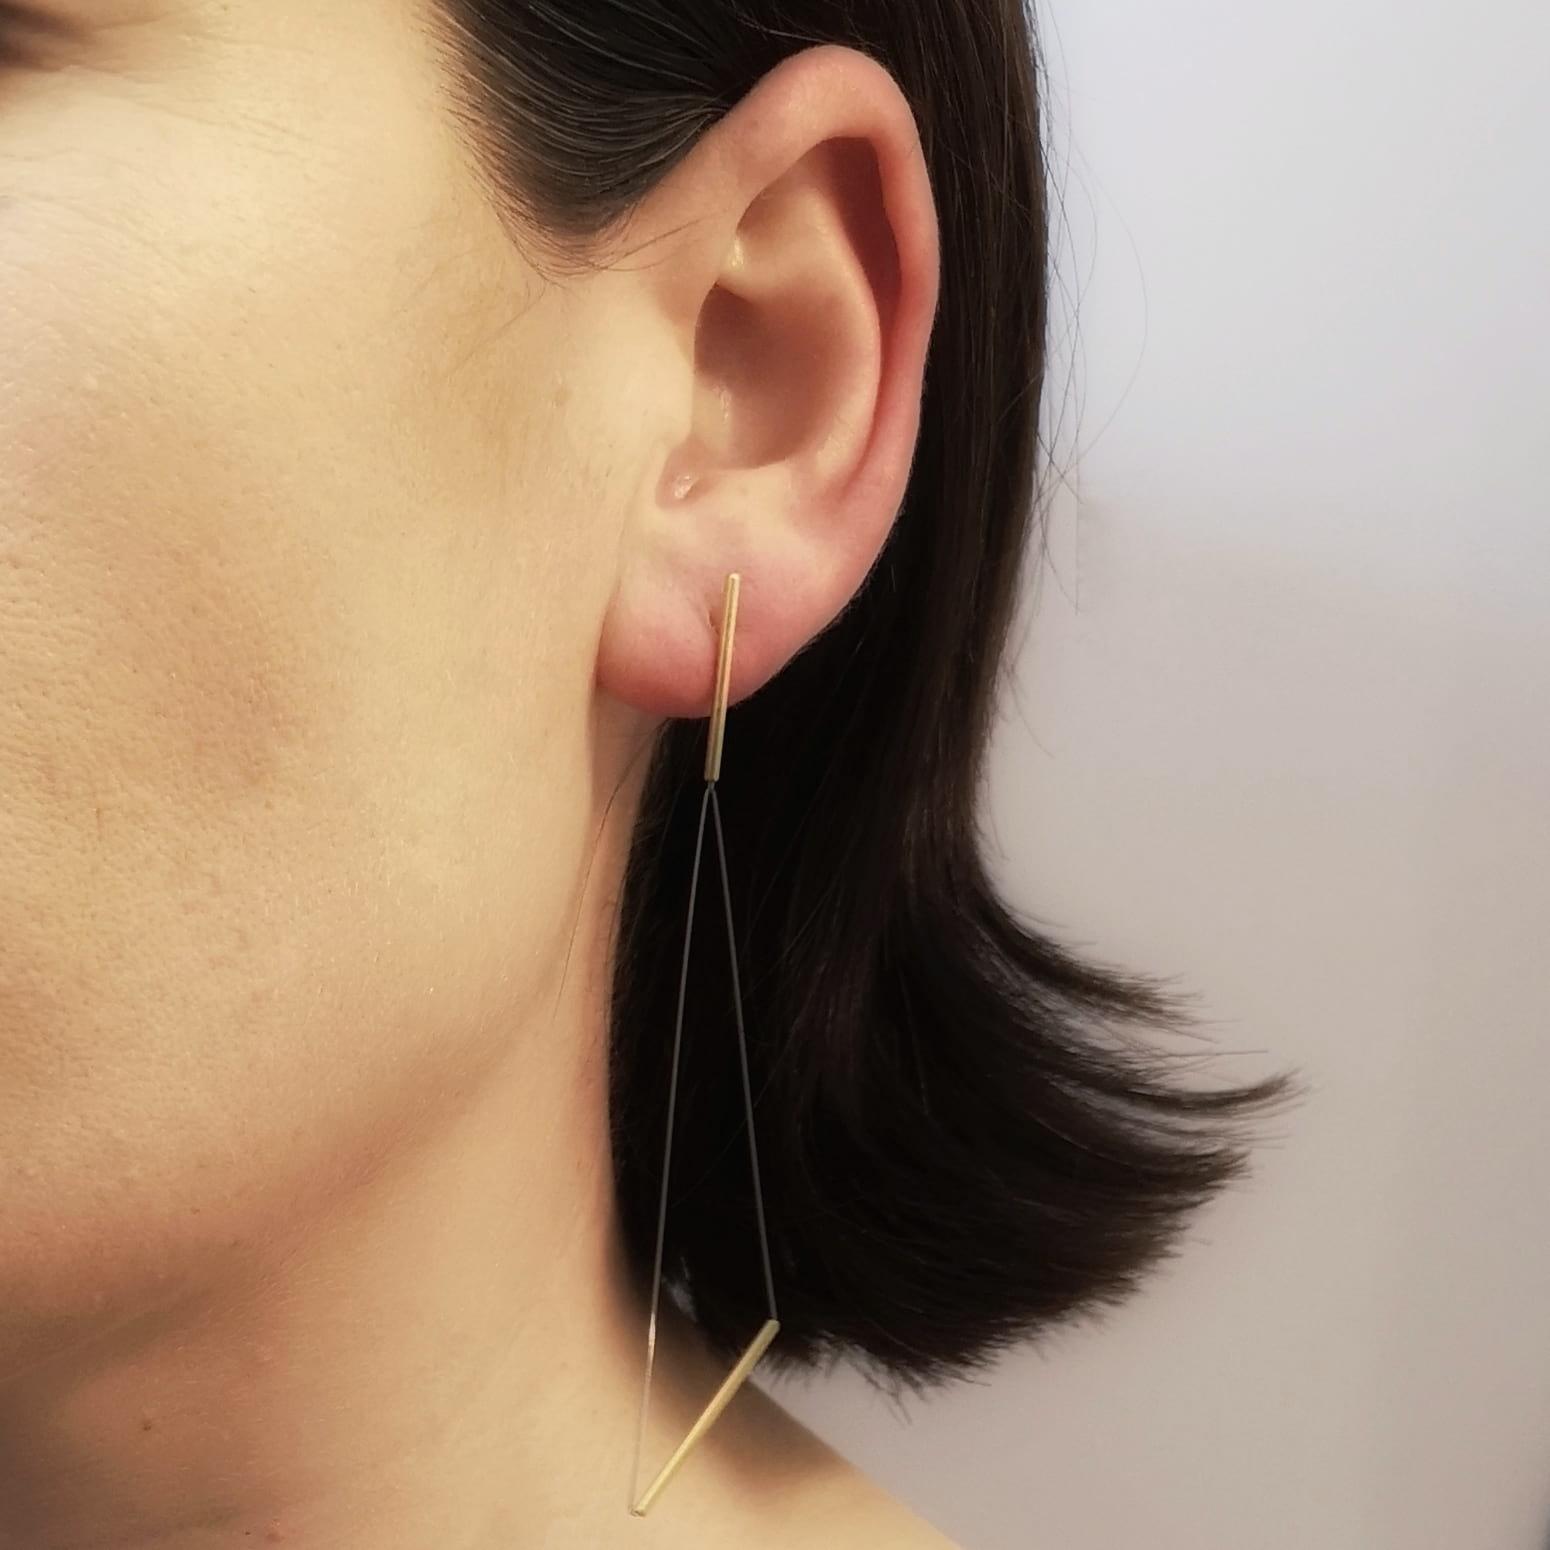 Gold Triangular Drop Earrings on Model